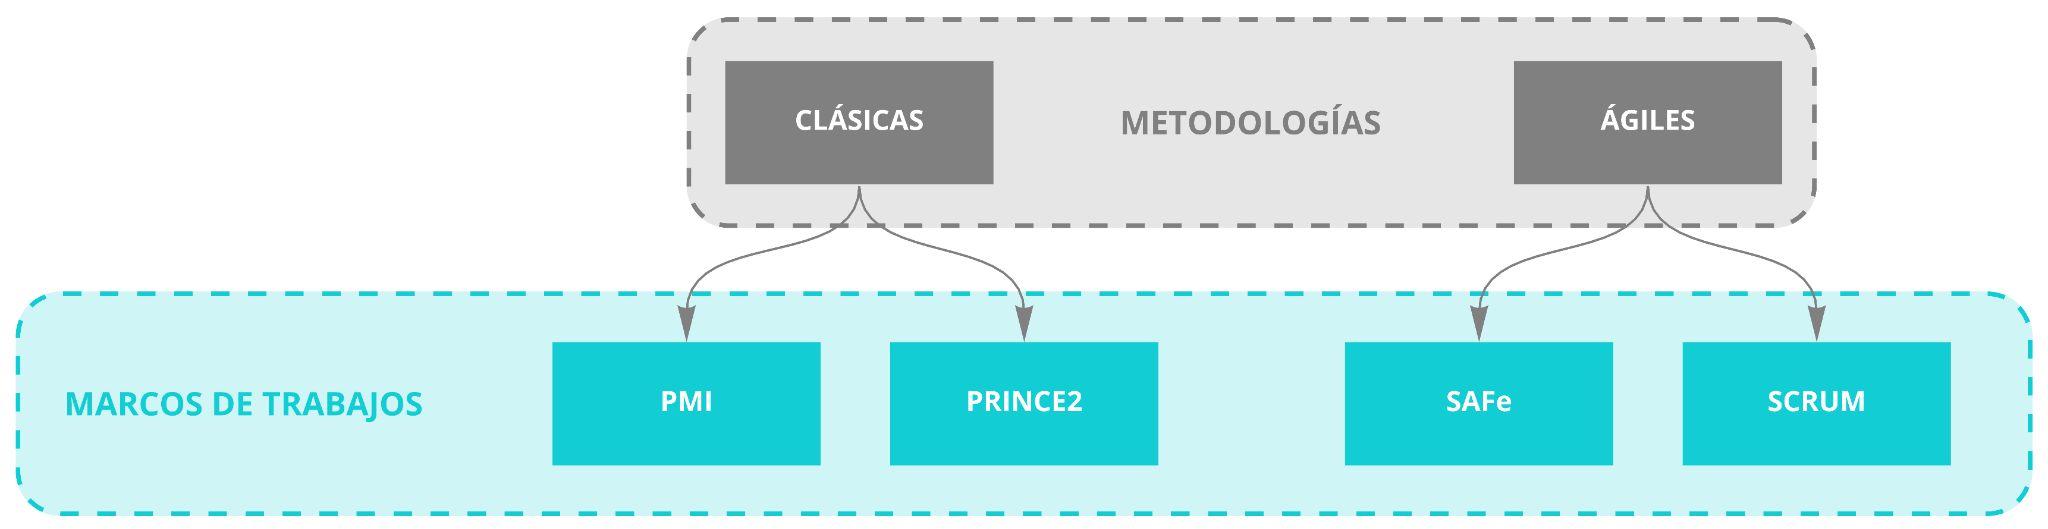 Diagrama de metodología versus marcos de trabajo